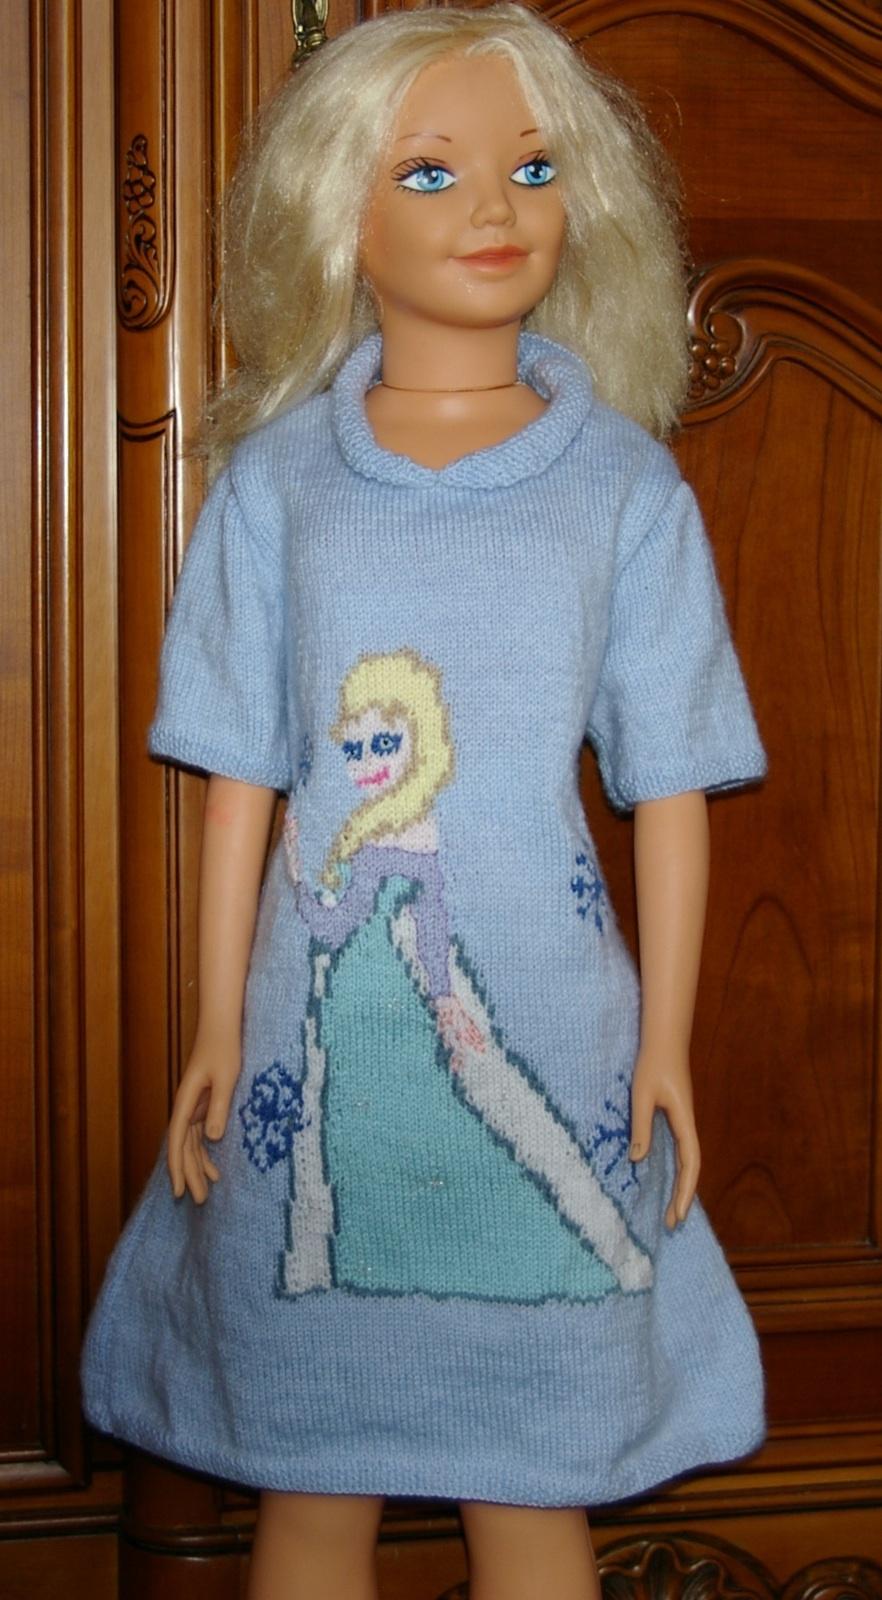 Voici la robe sur mon mannequin préféré.